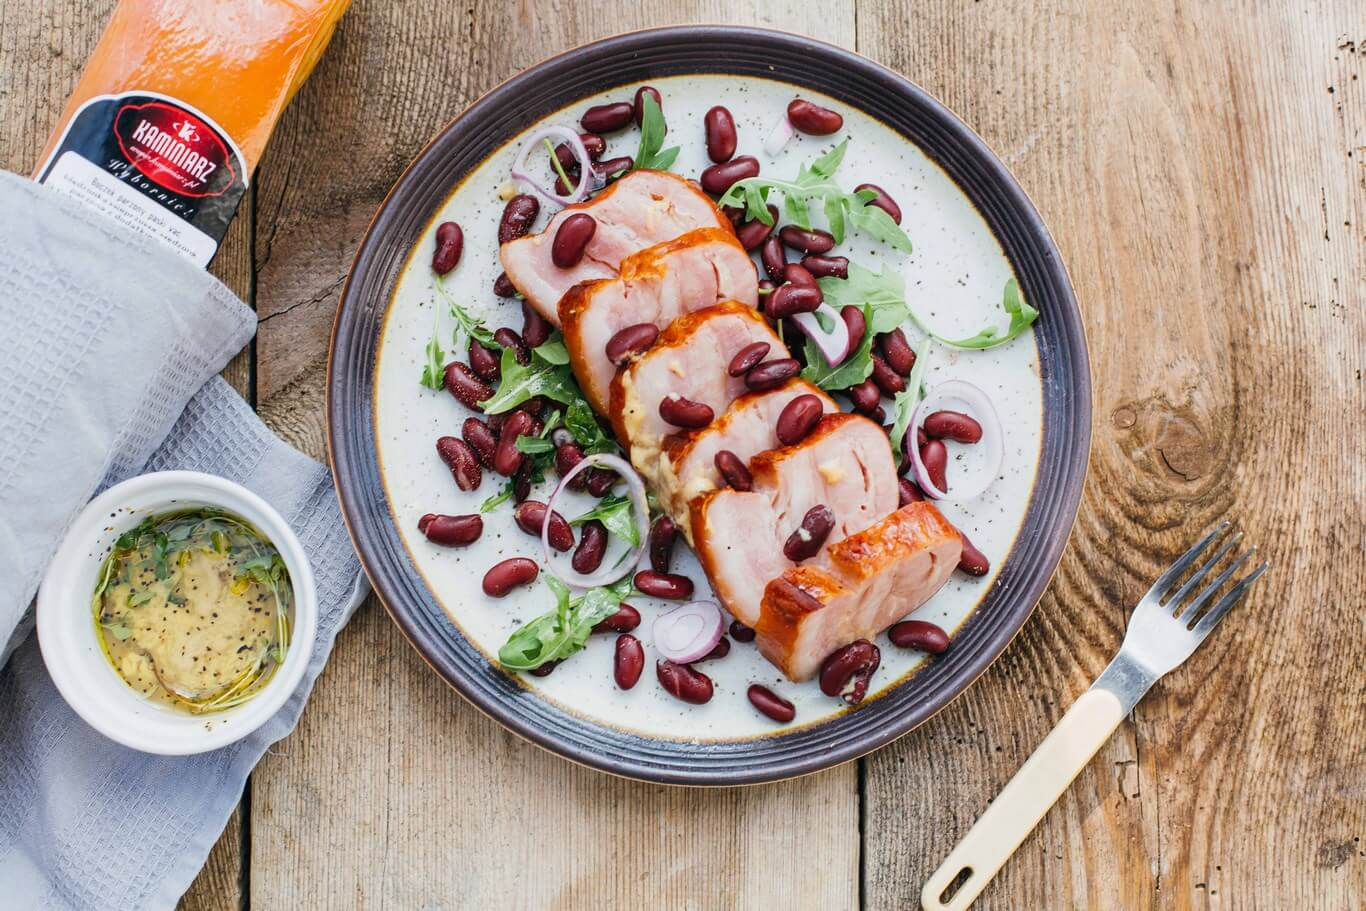 salatka z boczkiem czerwona fasola w sosie czosnkowym